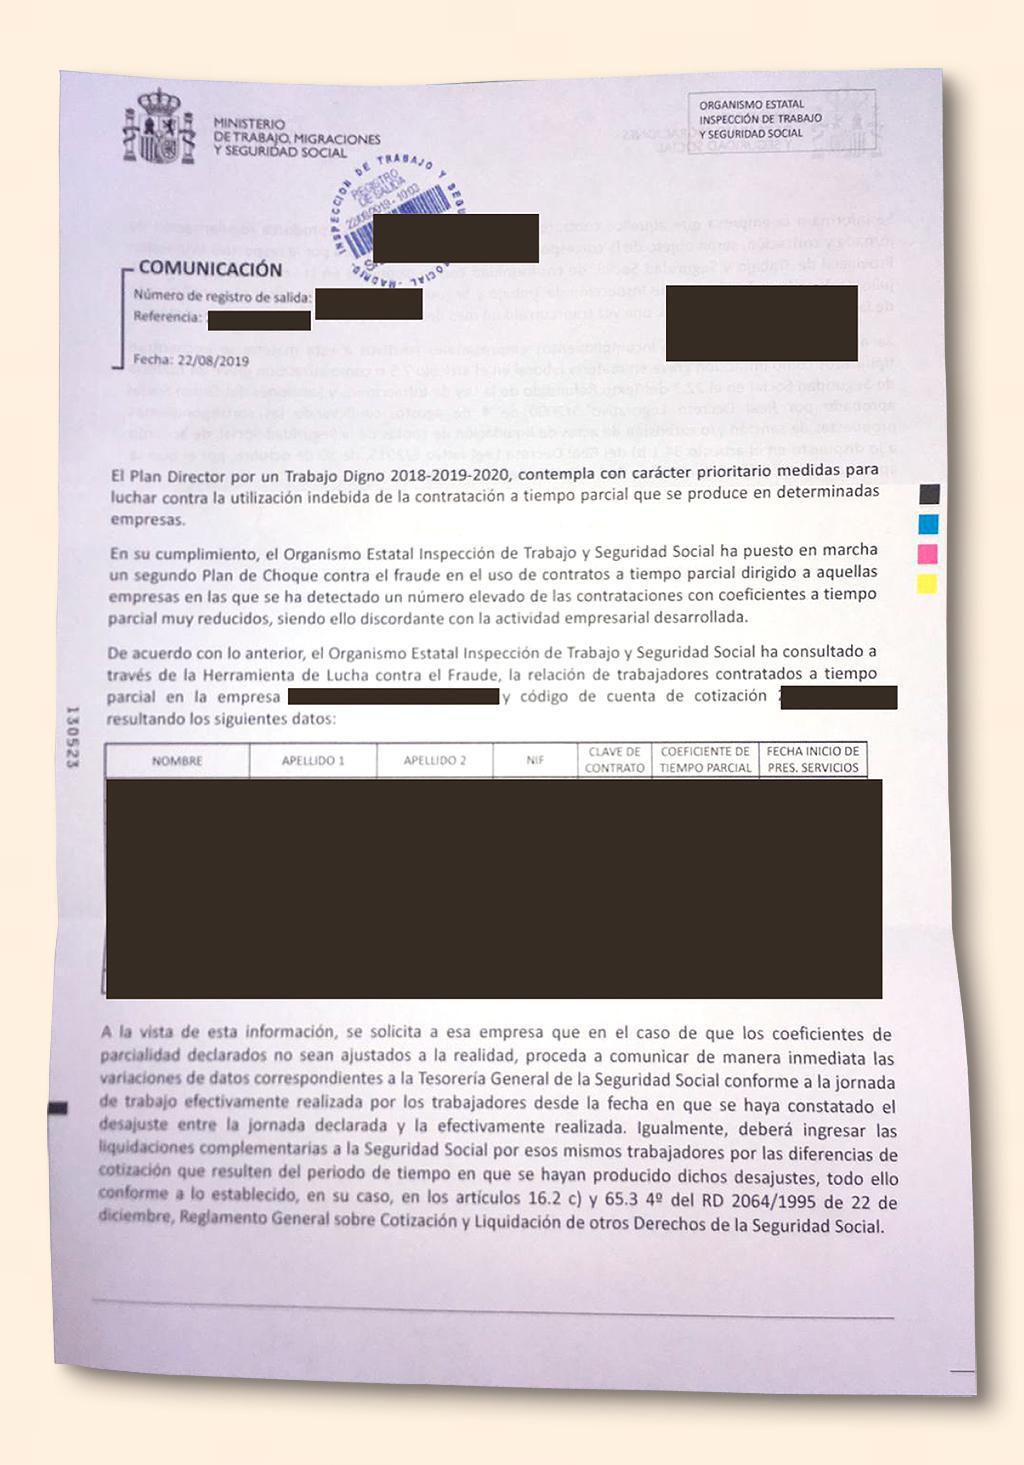 Campaña antifraude de la Seguridad Social, asustan a las empresas para que regularicen sus contratos a tiempo parcial.